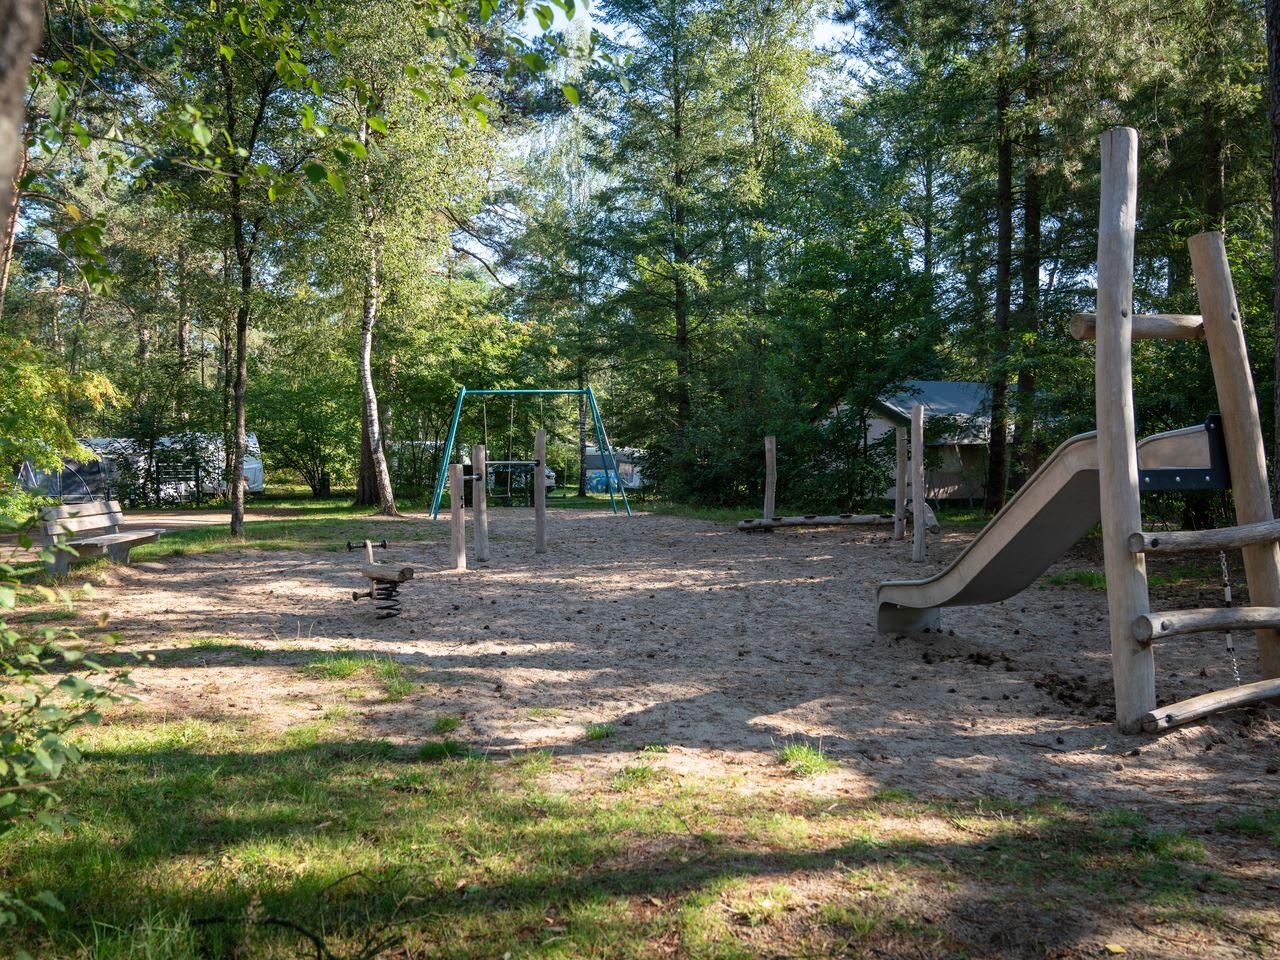 Basis campingplaats